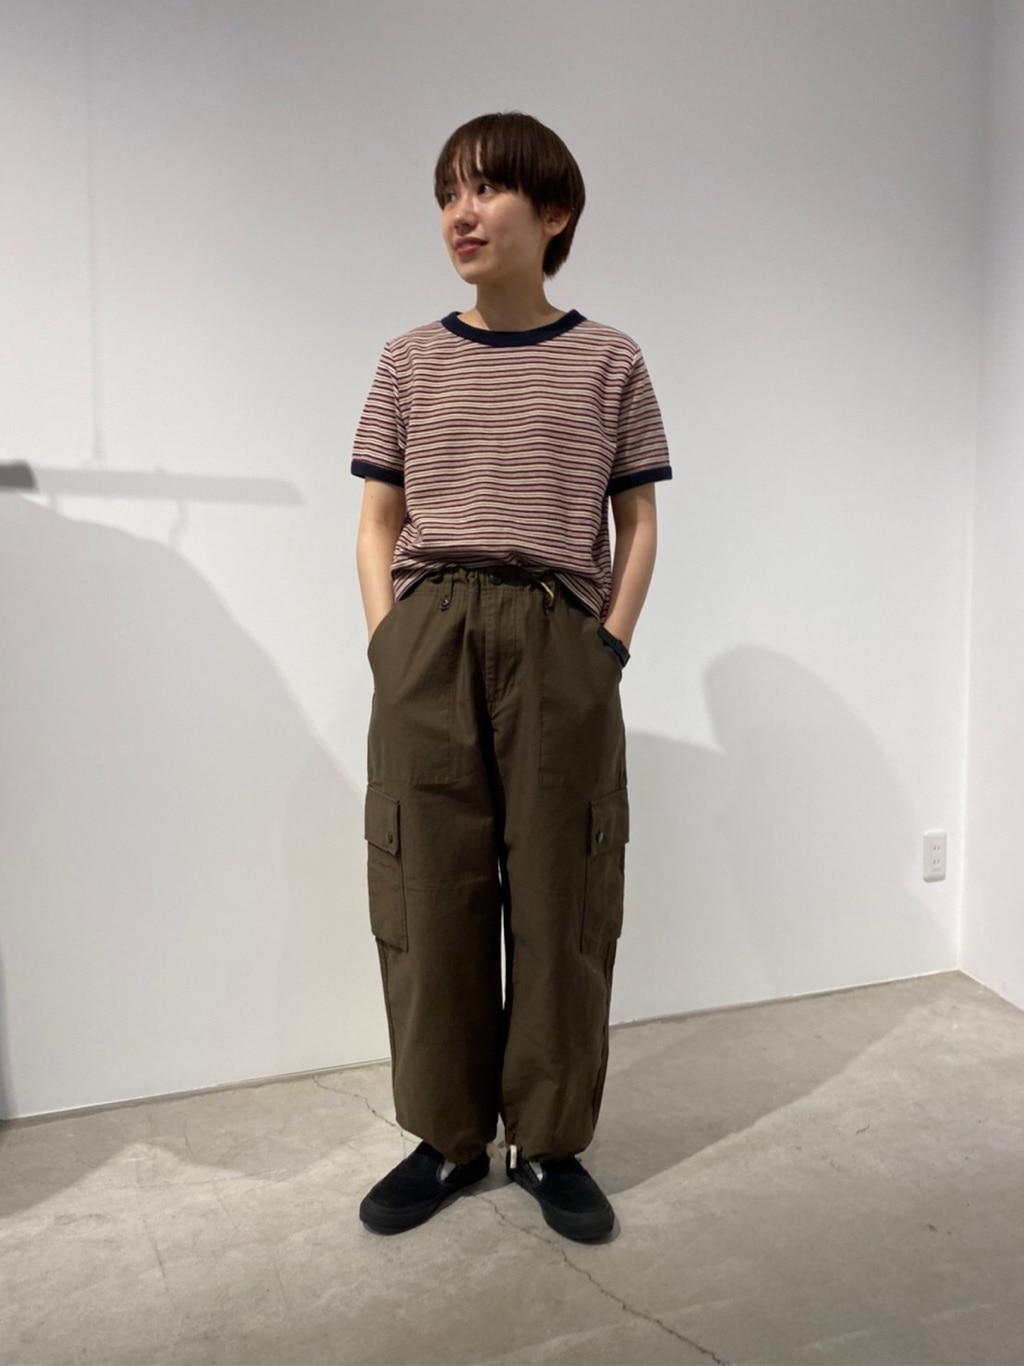 PAR ICI KLASSISK 名古屋パルコ 身長:156cm 2020.05.01